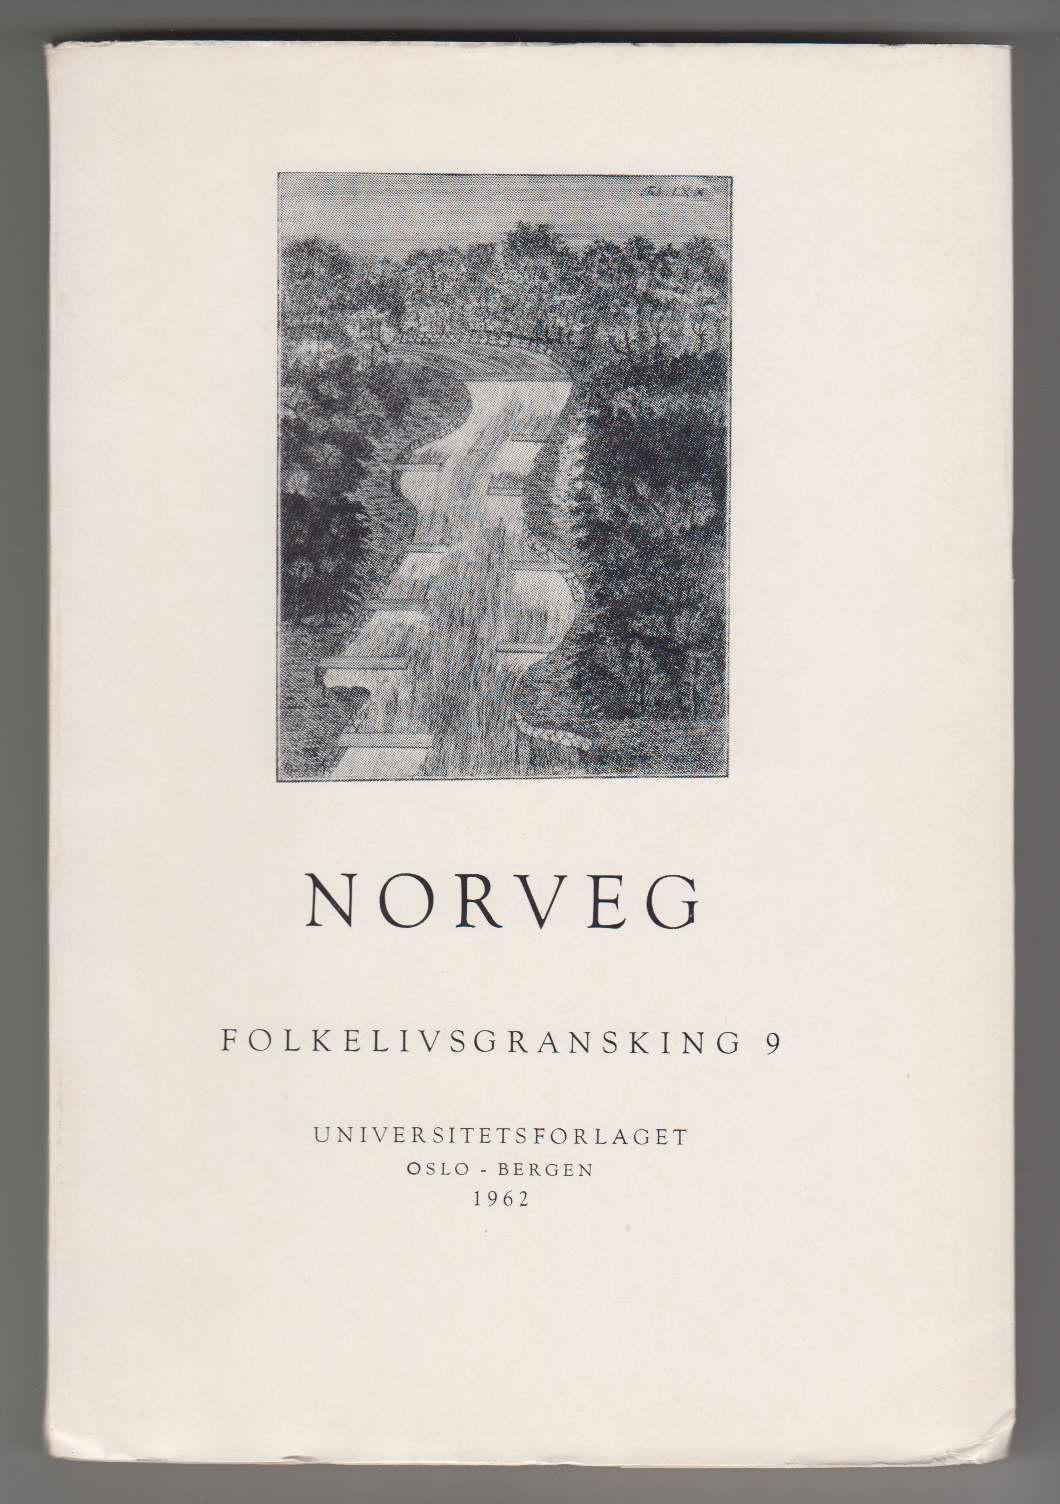 Image for Norveg: Tidsskrift for Folkelivsgransking (Journal of Norwegian Ethnology) 9